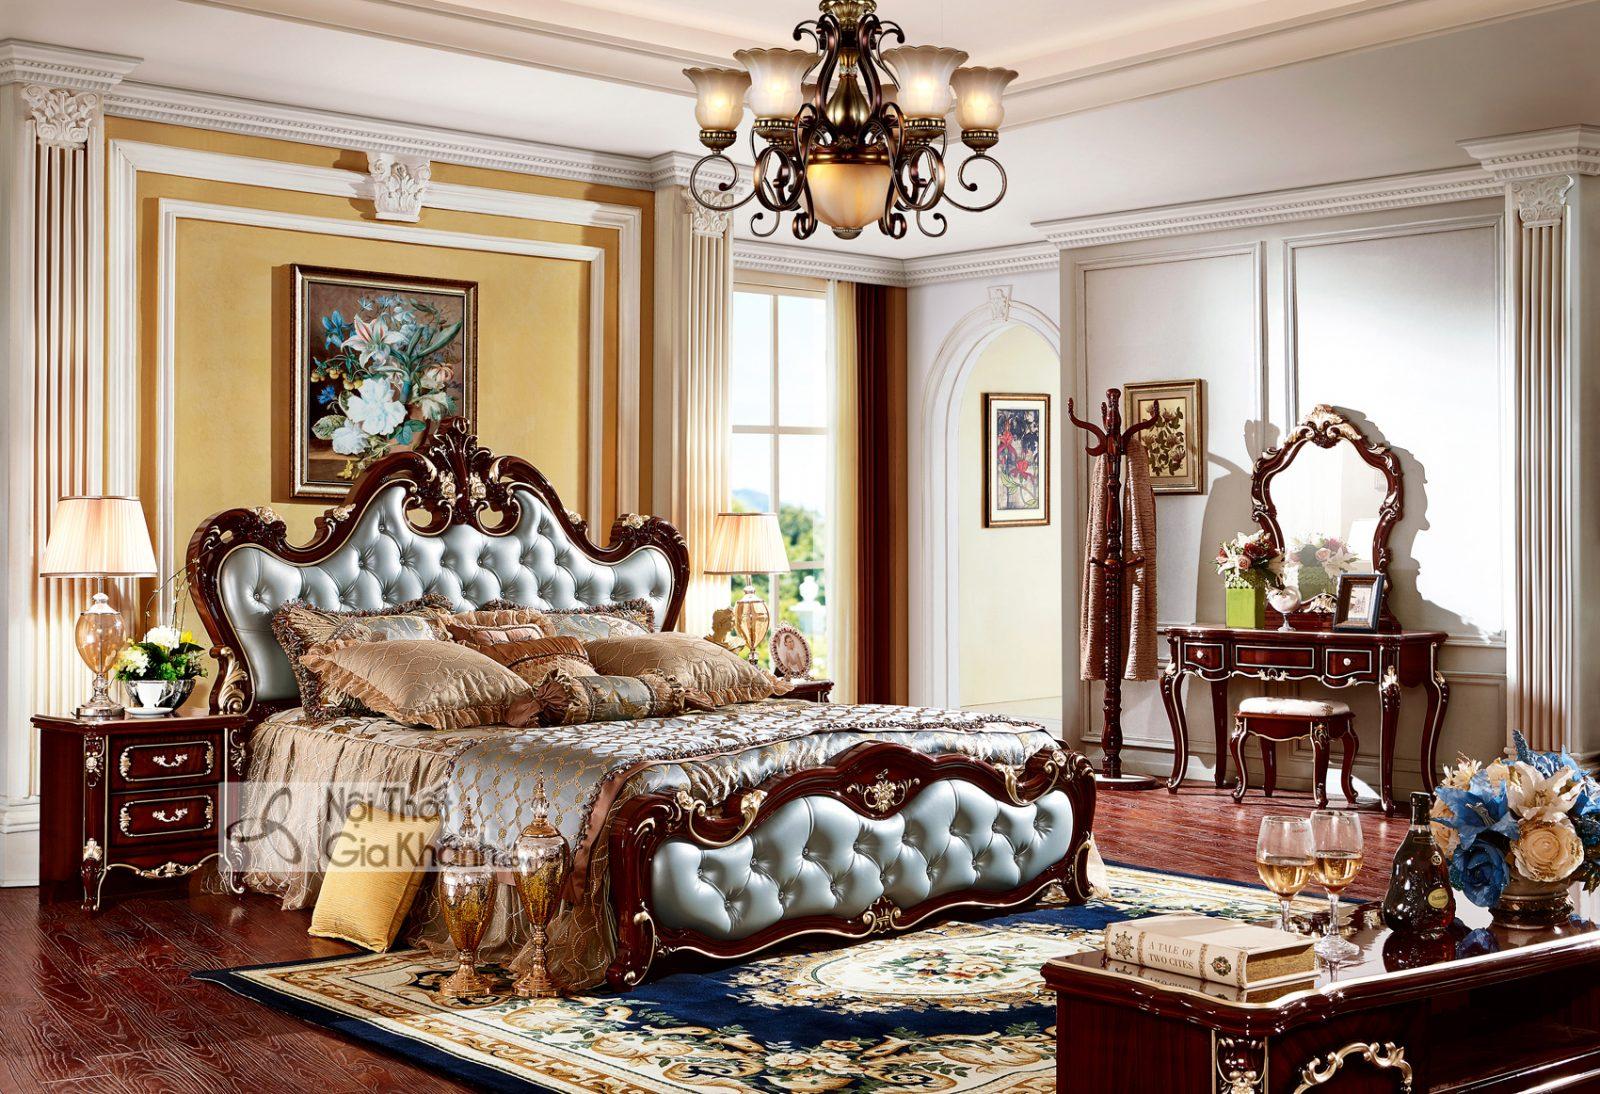 Mẫu giường ngủ đẹp nhập khẩu GI8801G